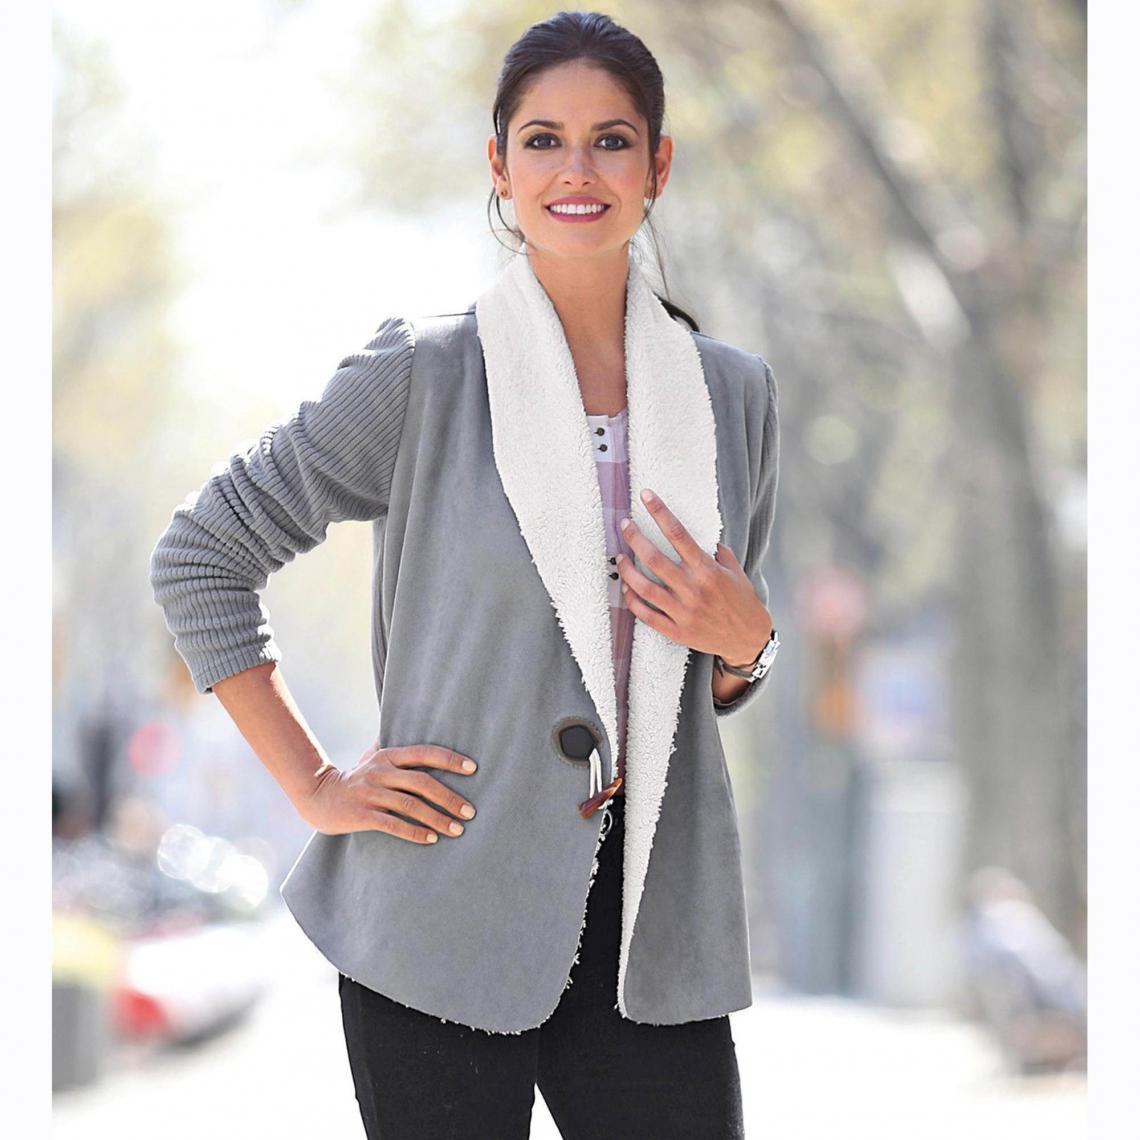 c2d823d0d1610 Veste manches longues fourrure synthétique manches tricot femme Exclusivité  3SUISSES - Gris Perle 3 Suisses Femme